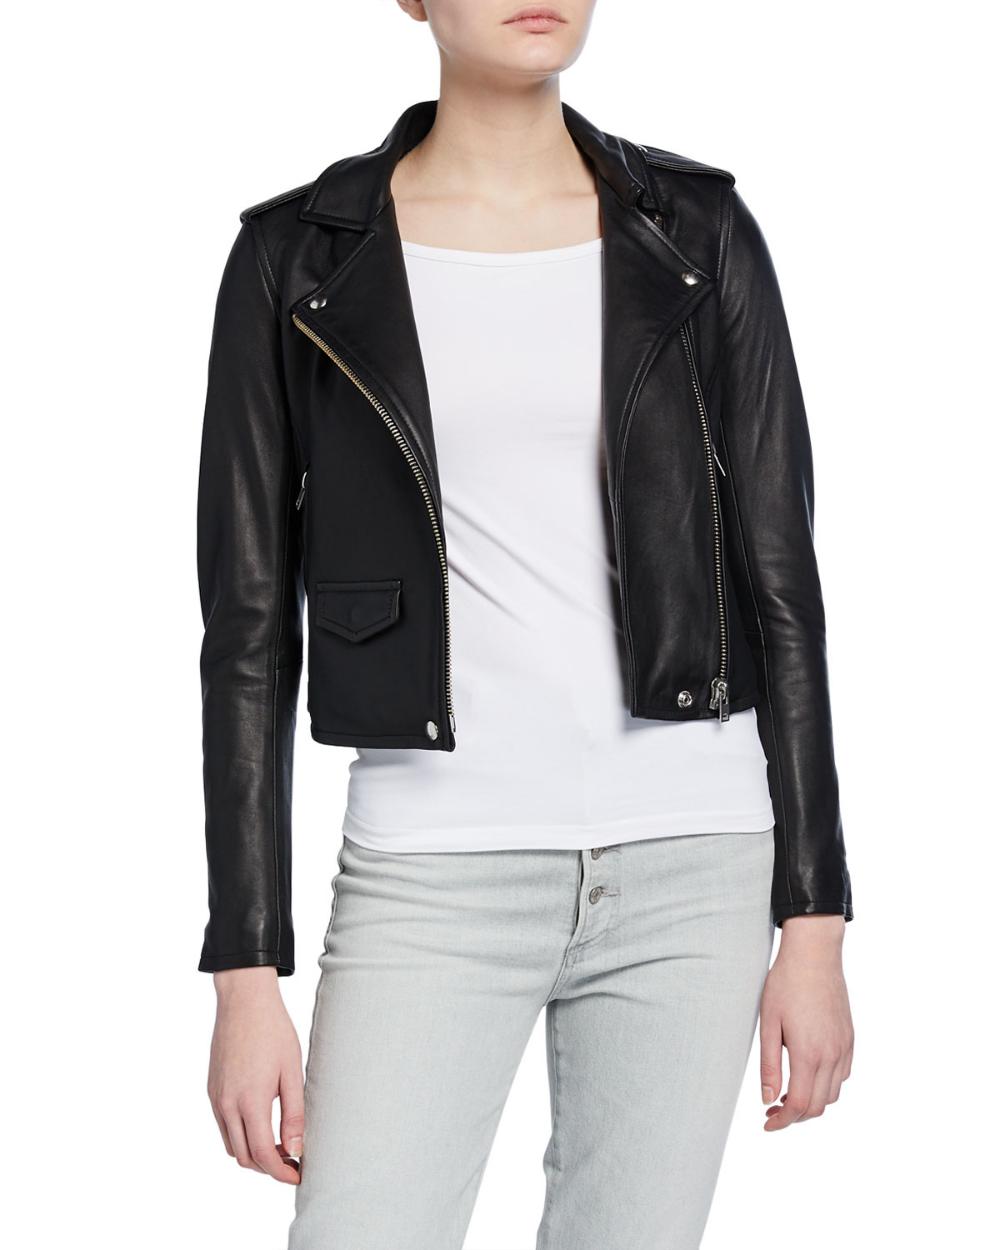 Iro Ashville Cropped Leather Jacket Cropped Leather Jacket Leather Jacket Jackets [ 1250 x 1000 Pixel ]